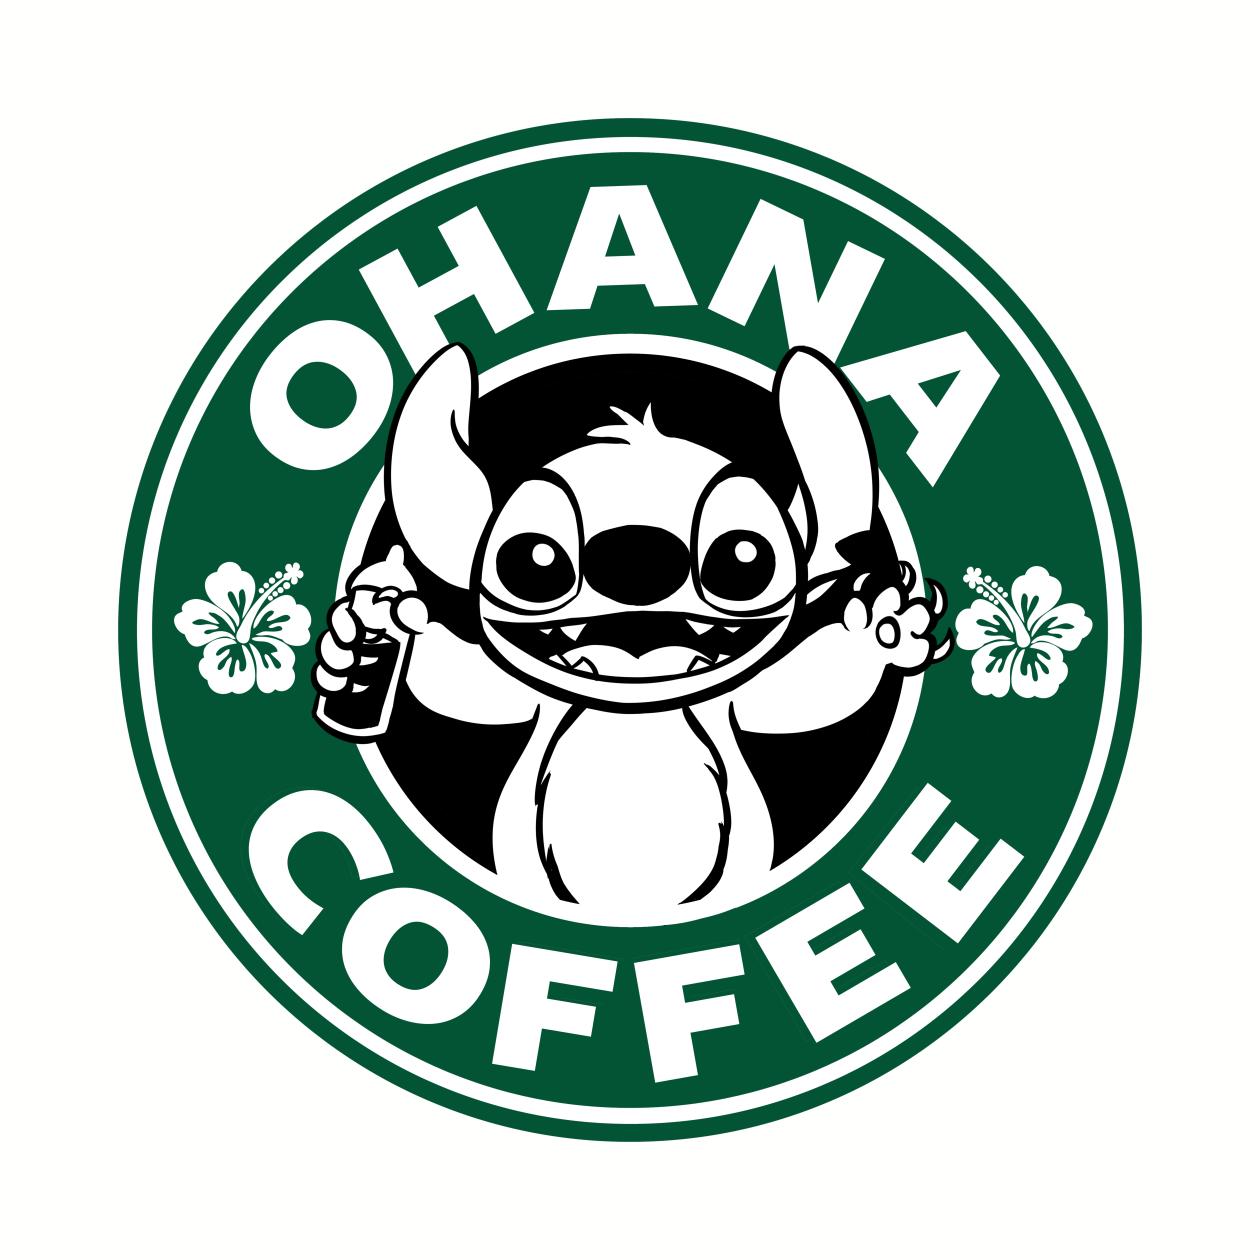 4eb7cc9dcc0 Ohana Coffee | Stitch!! | Disney starbucks, Lilo, stitch, Disney fun